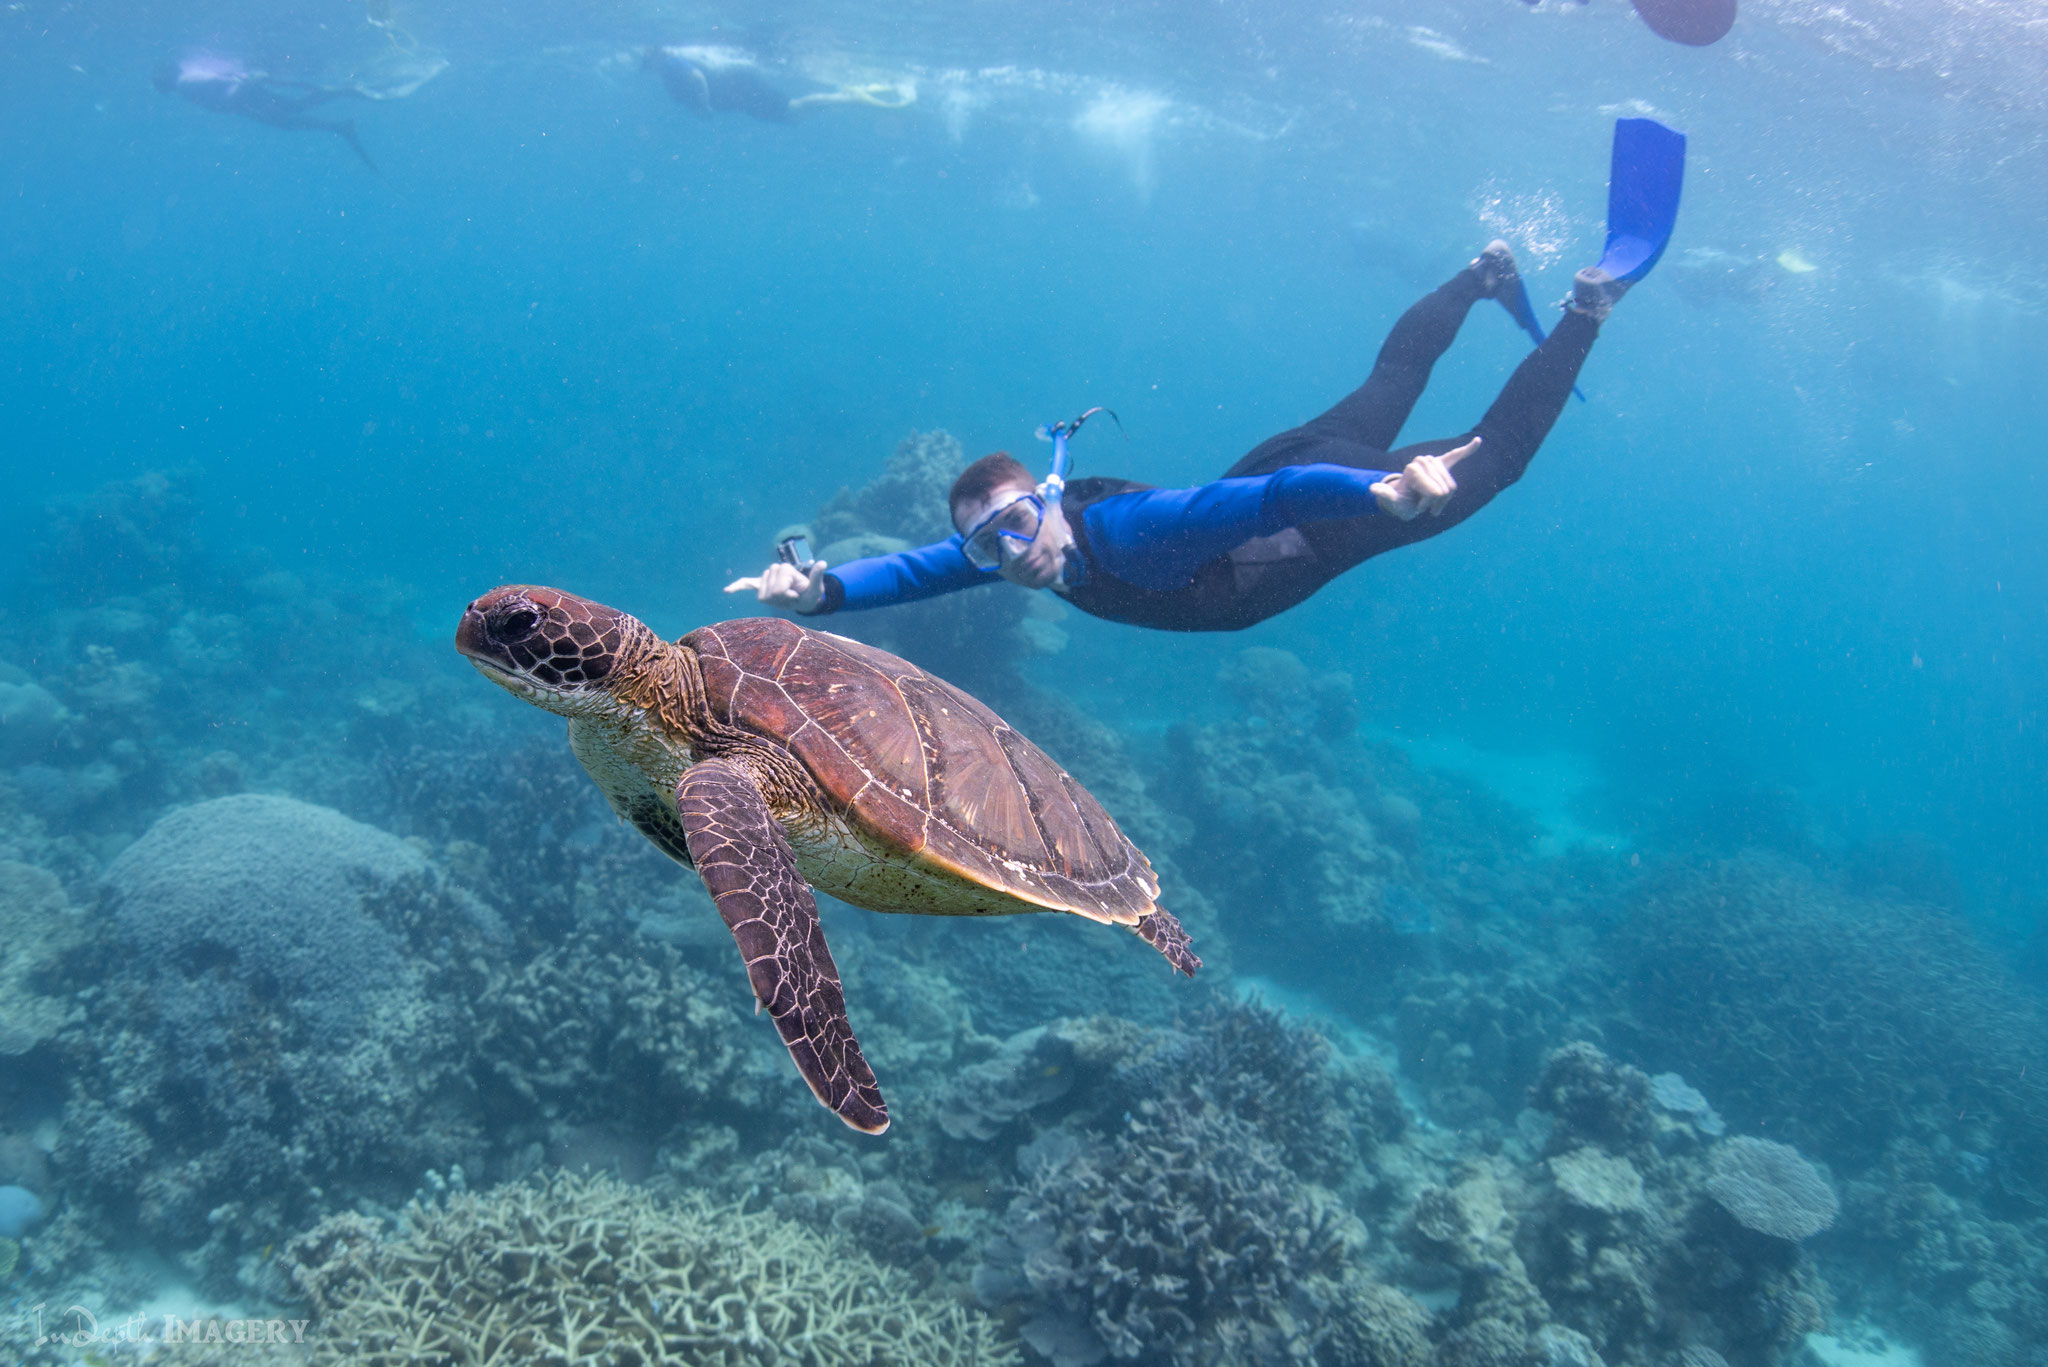 Jochen auf Tauchfühlung mit einer Schildkröte.